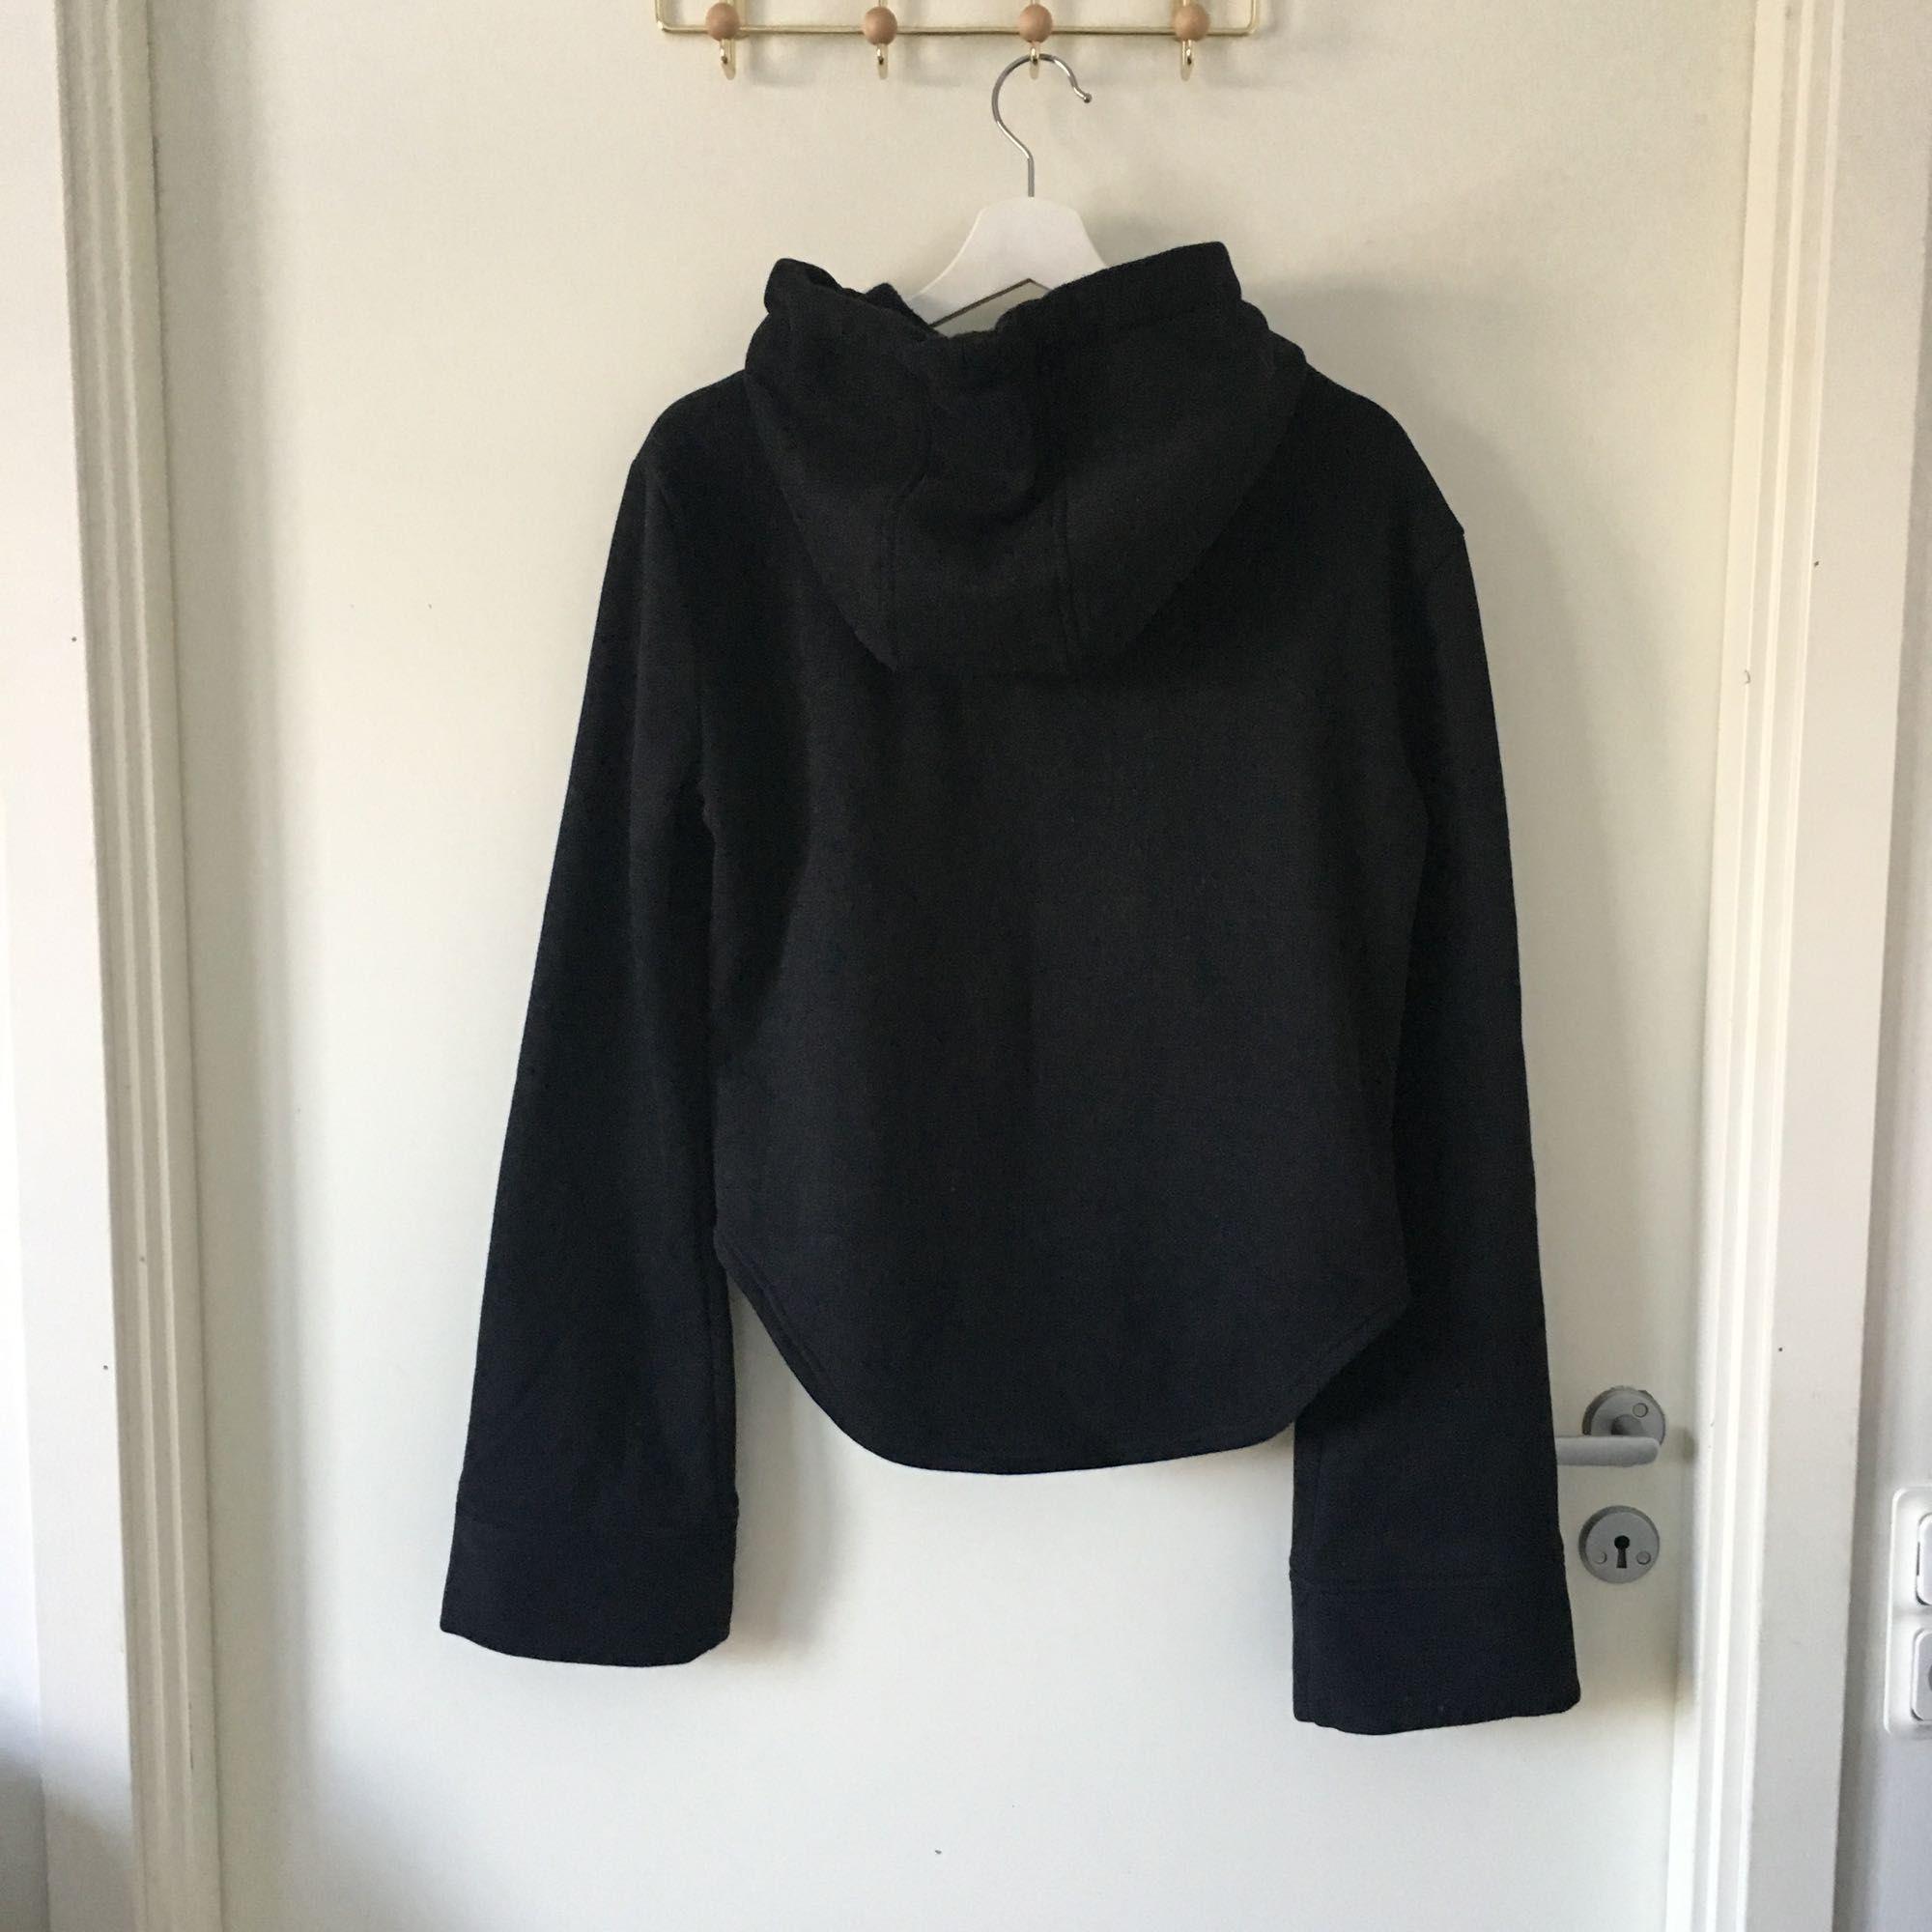 Svart huvtröja i fleece med band vid halsen som går att knyta, köpt på Madlady, använd ca 4 gånger. I nyskick. Köparen står för frakt.. Huvtröjor & Träningströjor.